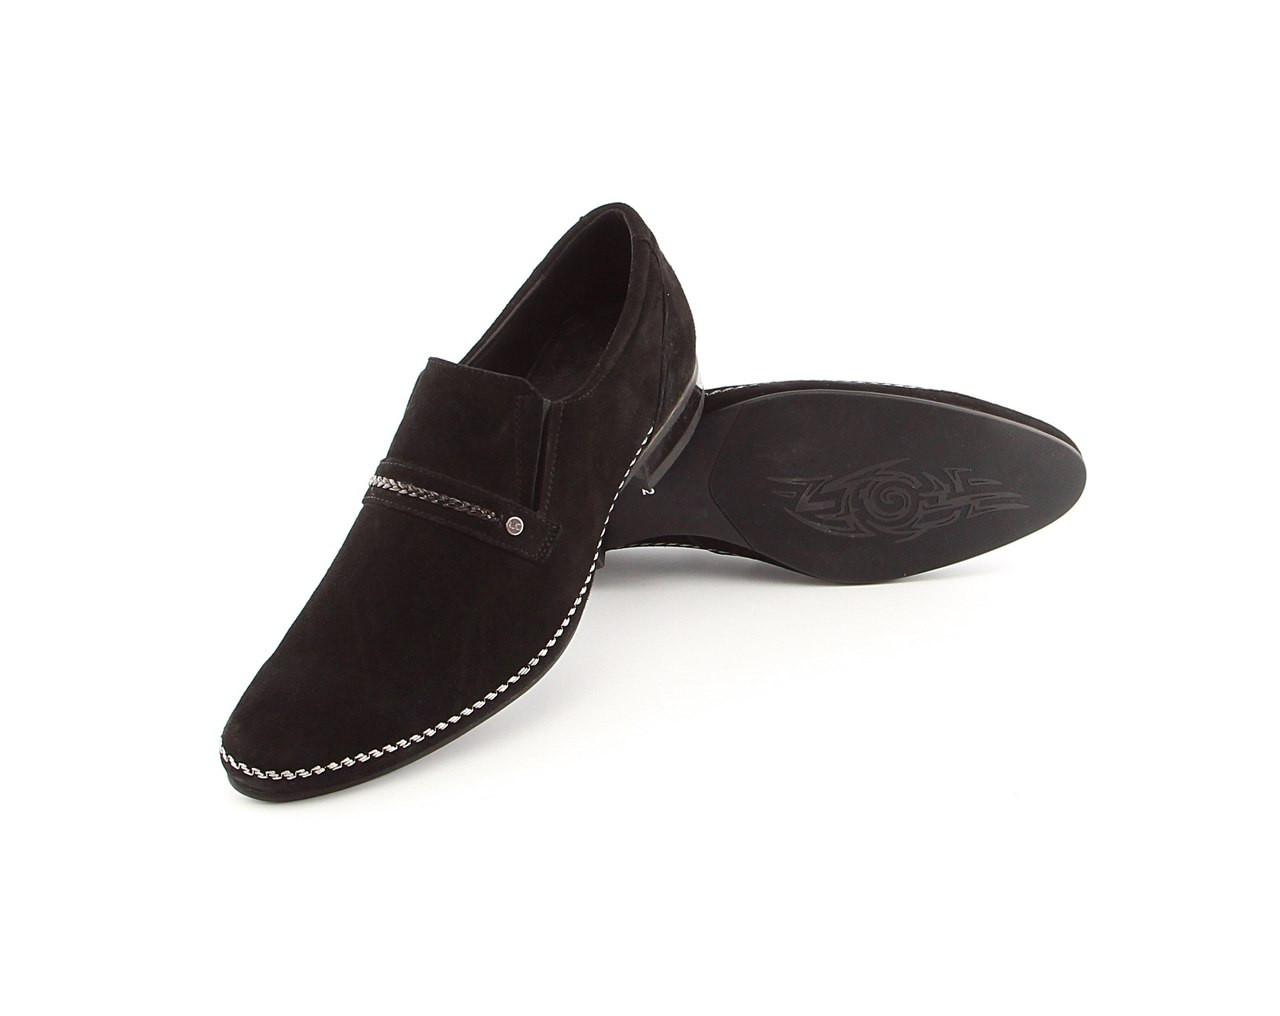 Туфлі Lucky Choice, будь оригінальним!